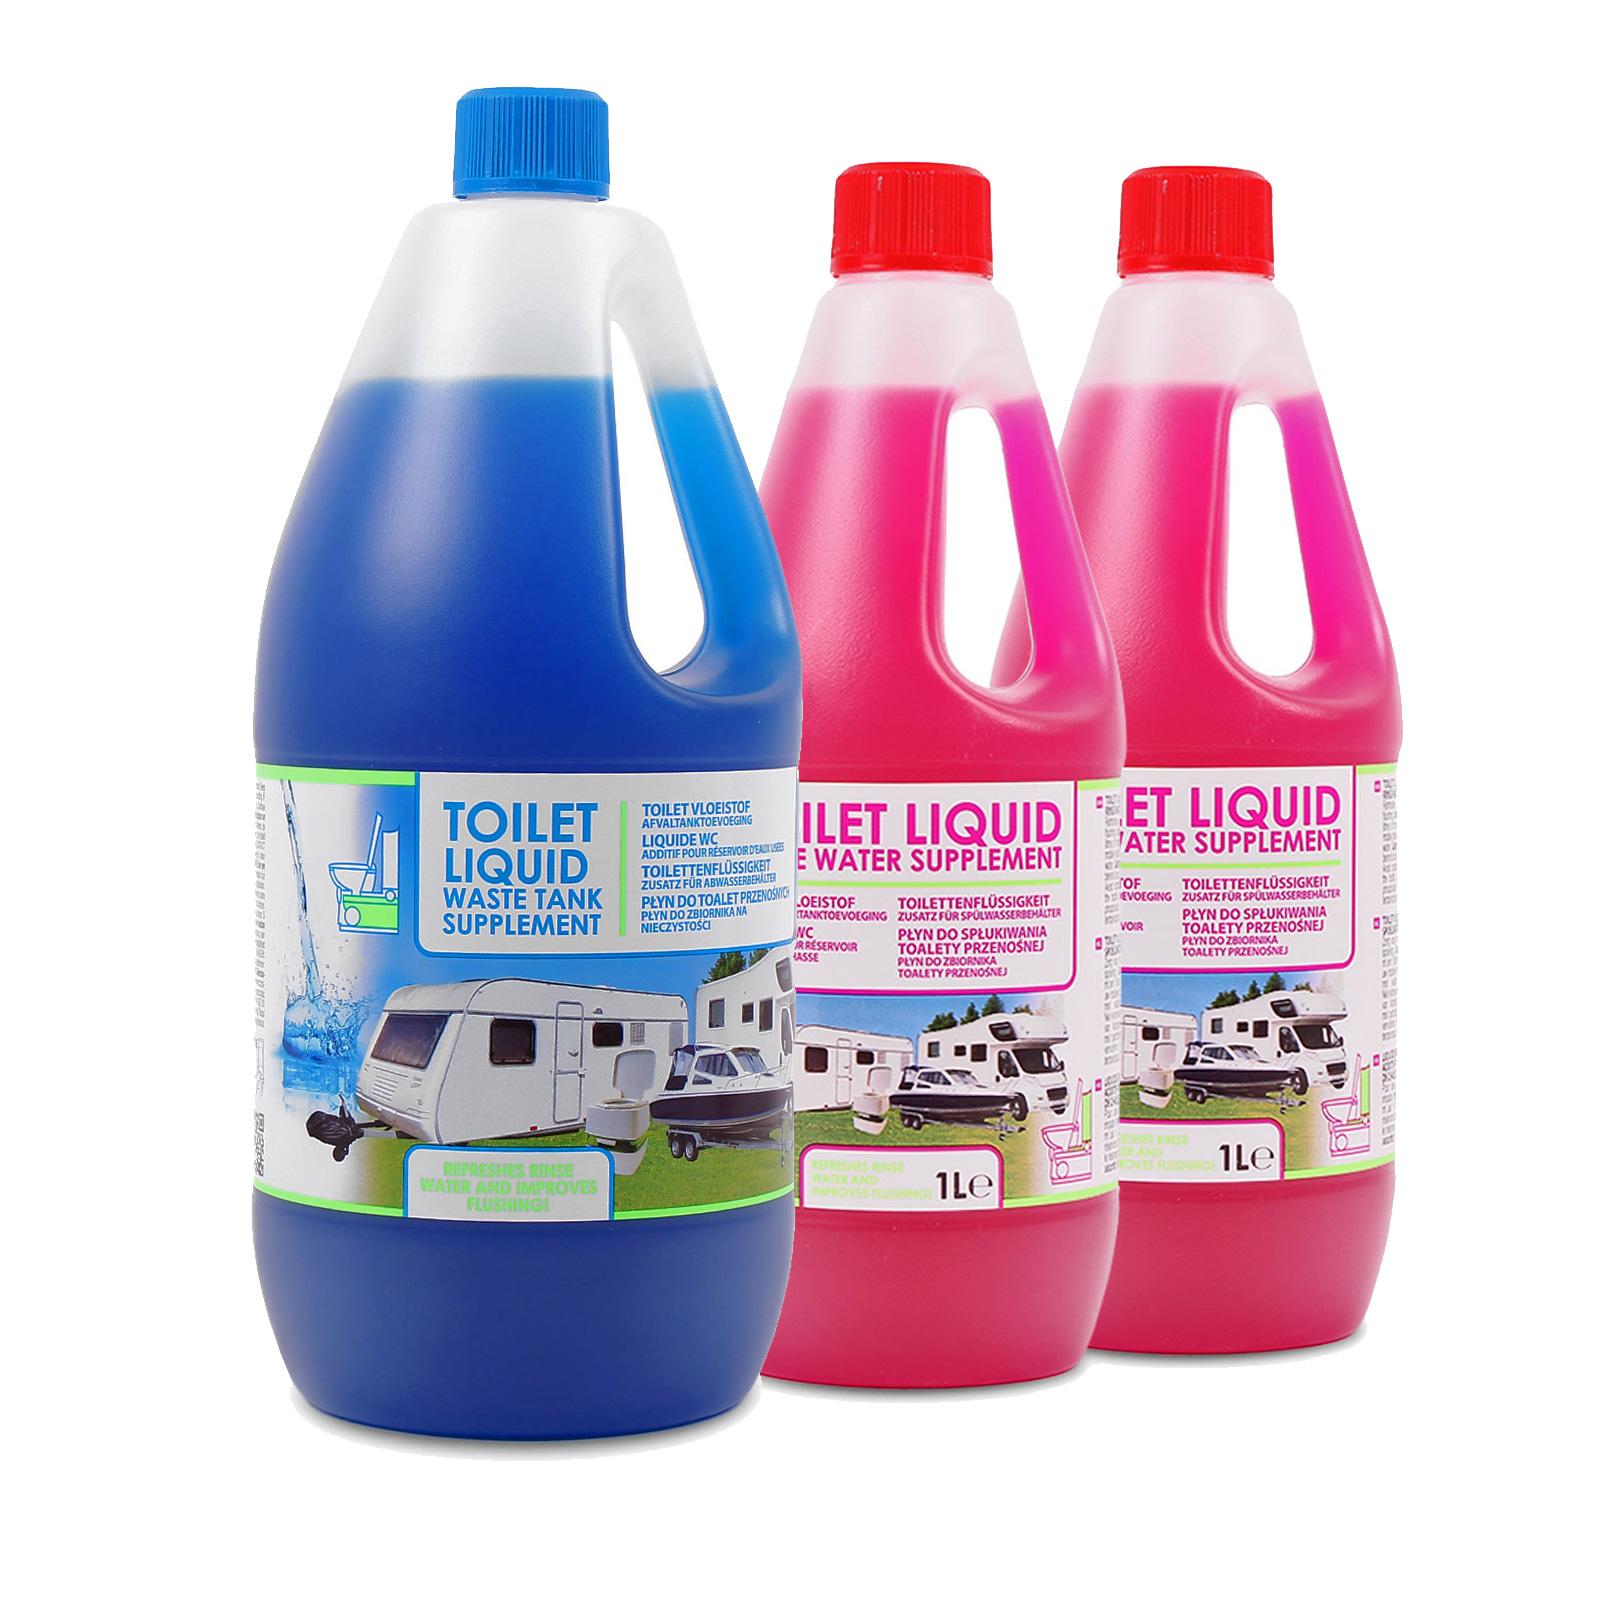 Set Toilettenzusatz für Chemietoiletten, Abwasserbehälter und Spülkasten